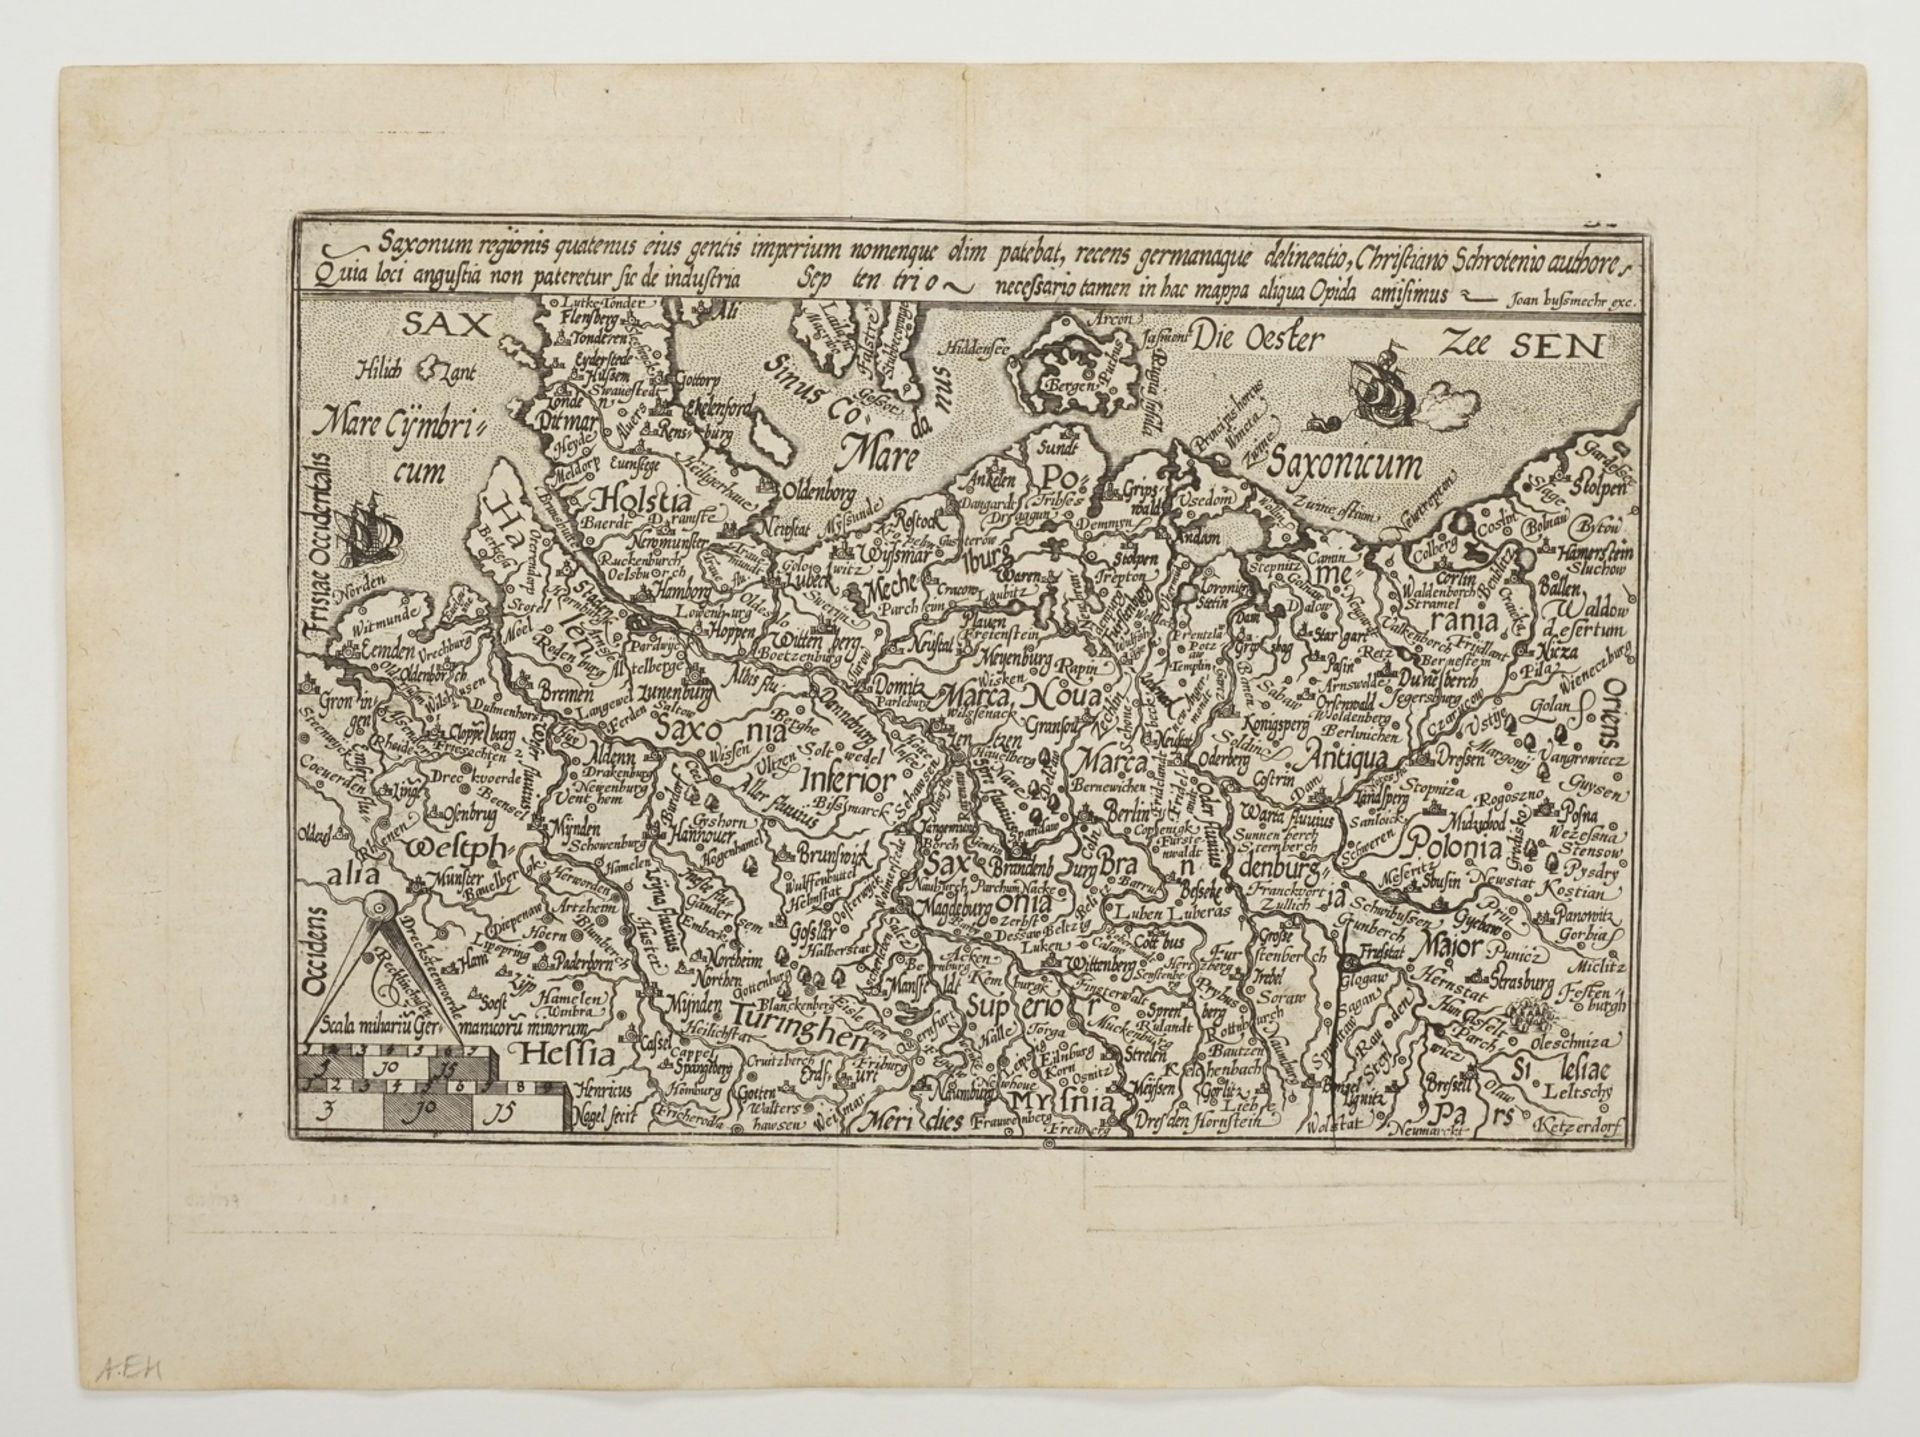 """Mat(t)hias Quad, """"Saxonum regionis quatenus eius gentis imperium nomenque olim patebat, recens ... - Bild 3 aus 4"""